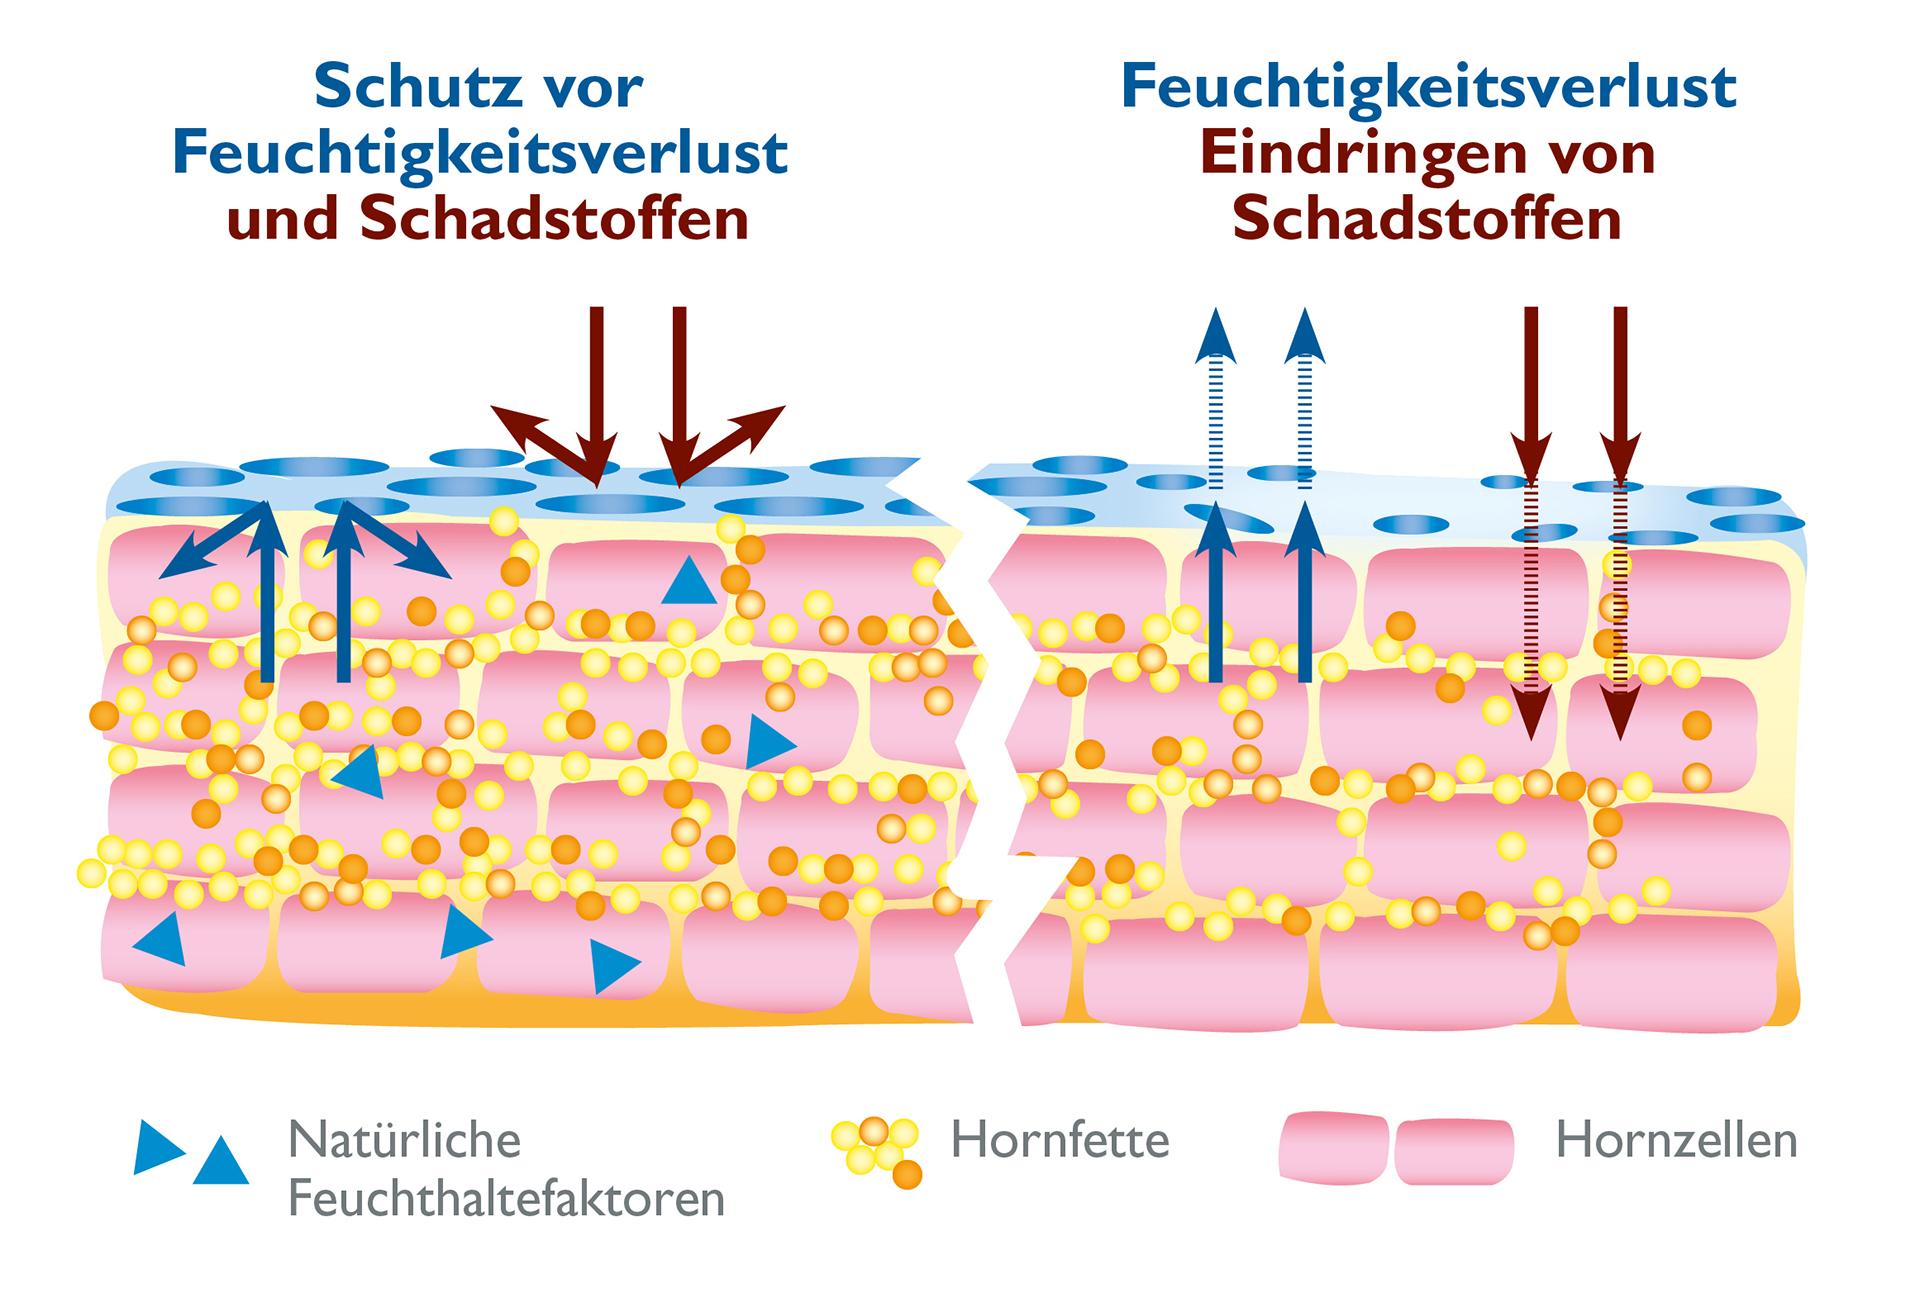 Der Hydrolipidfilm auf der Haut schützt die Haut vor dem Austrocknen